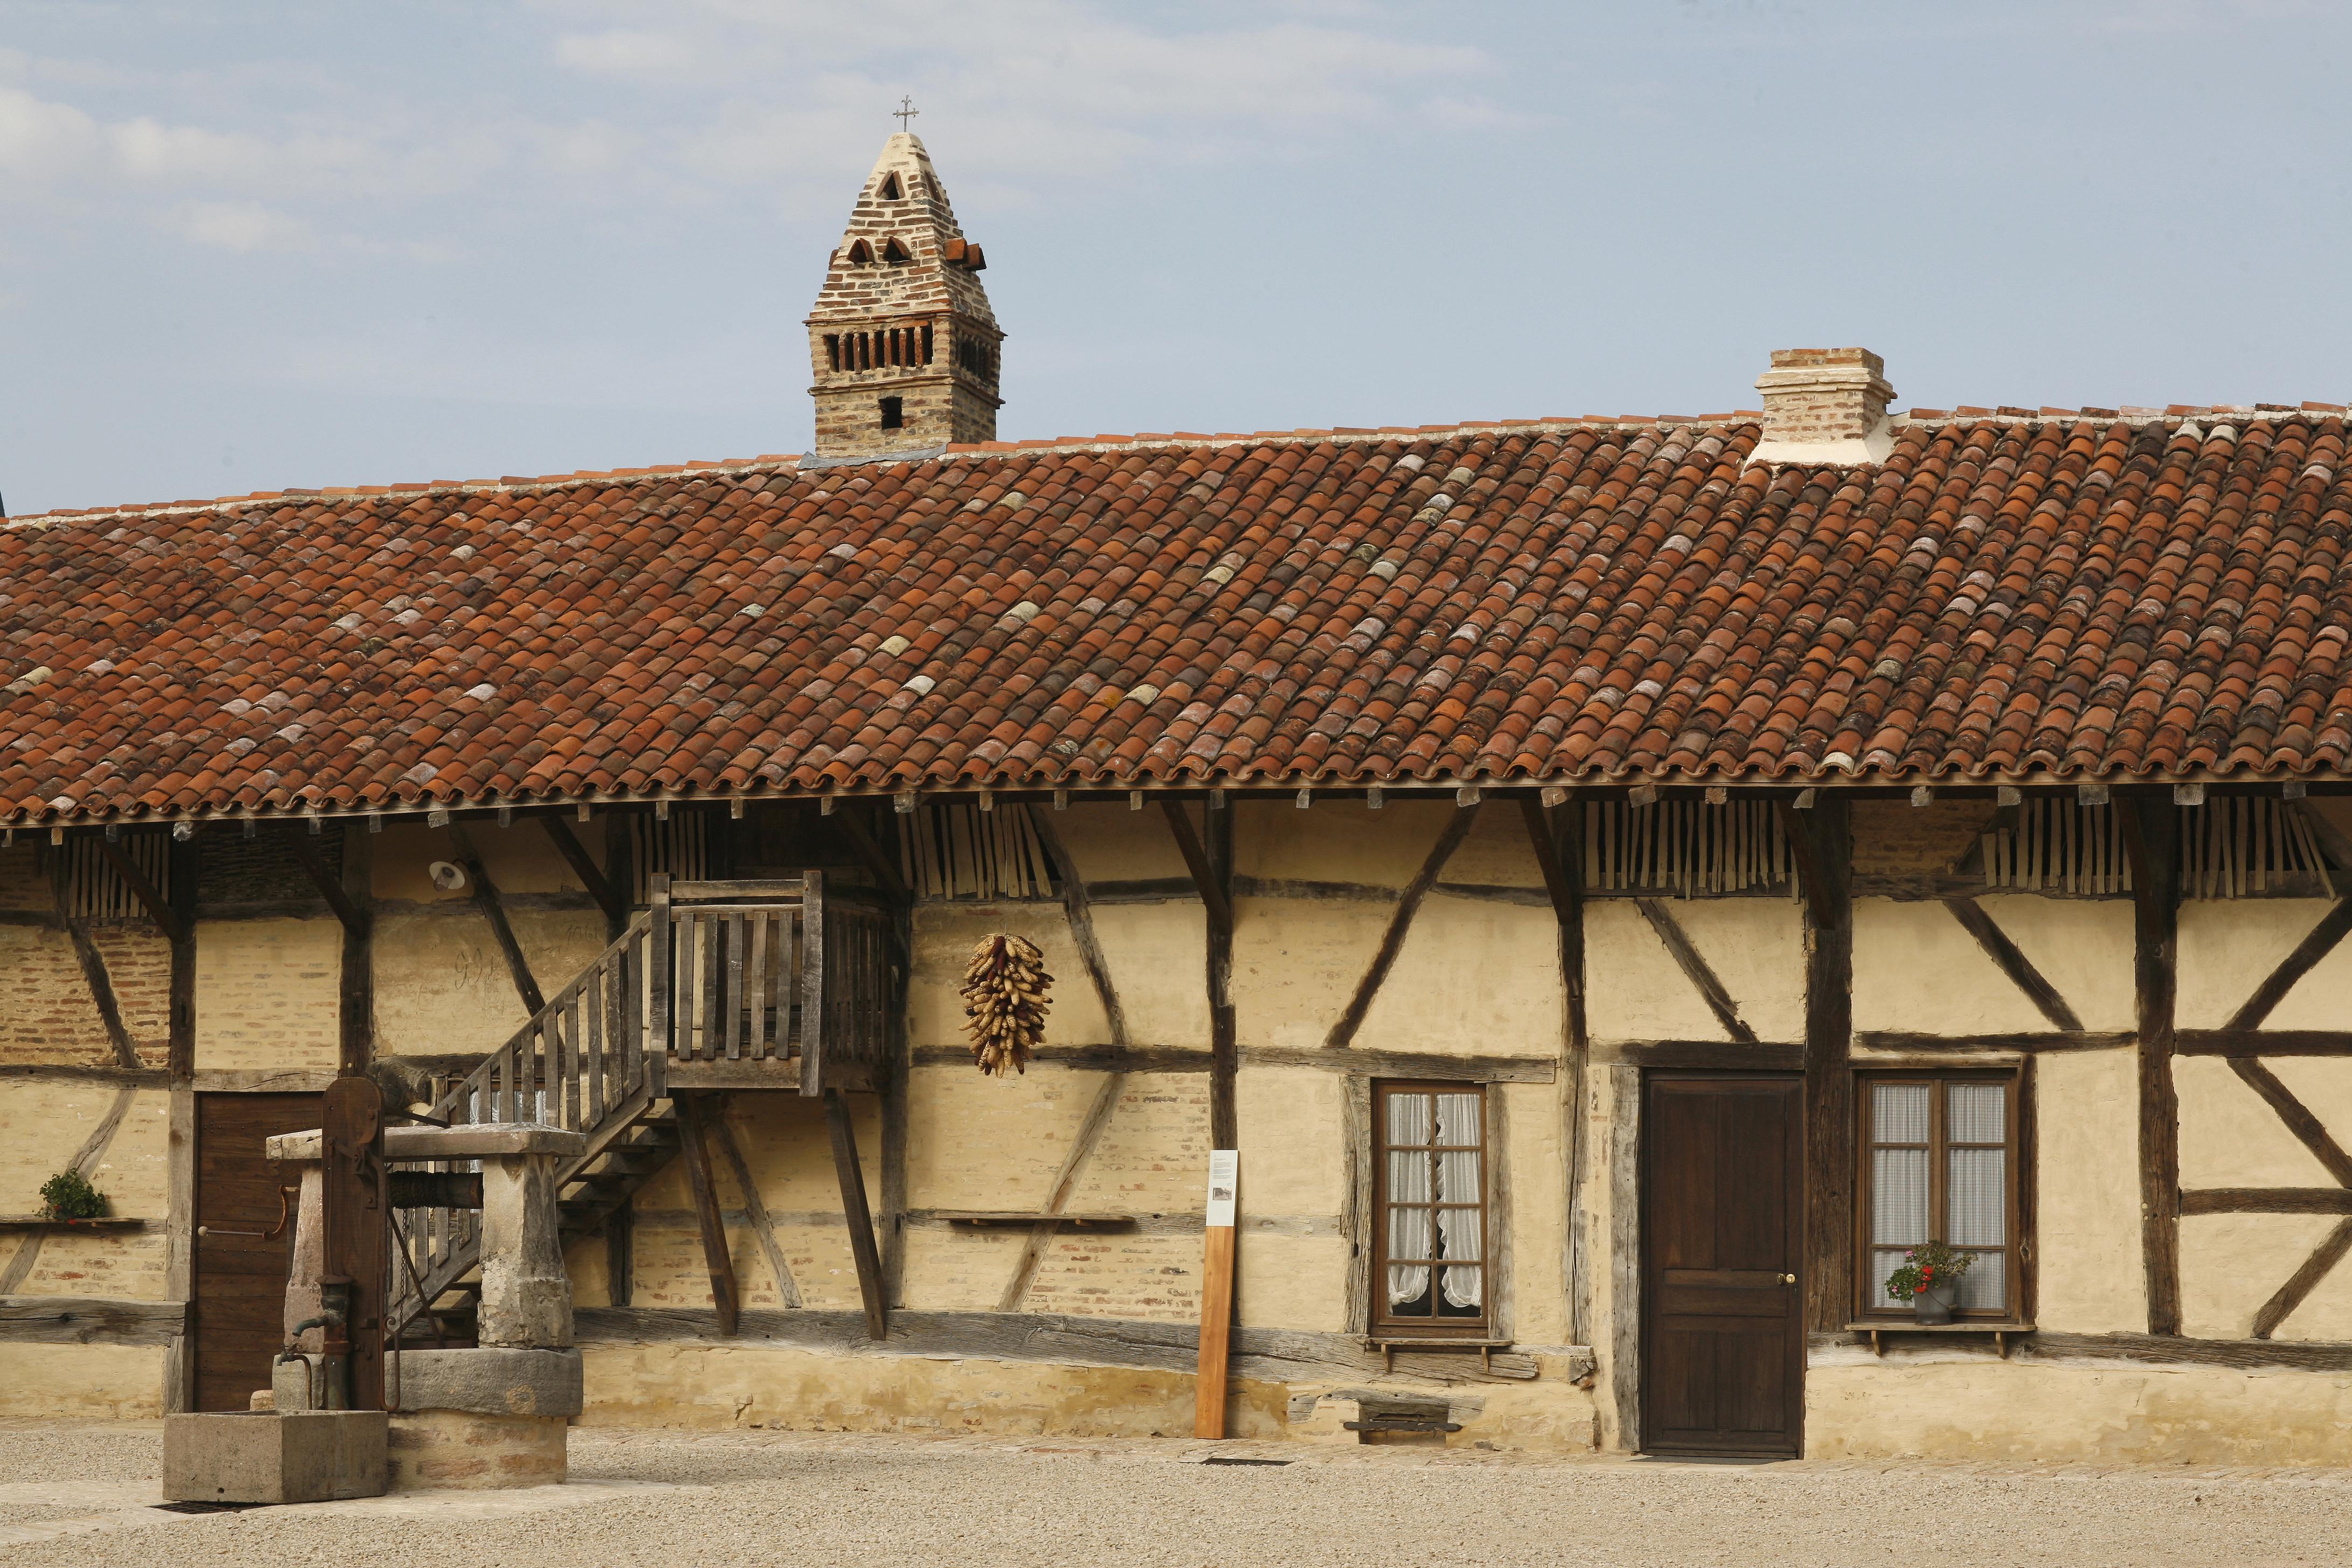 La ferme du champ bressan - Musée du terroir